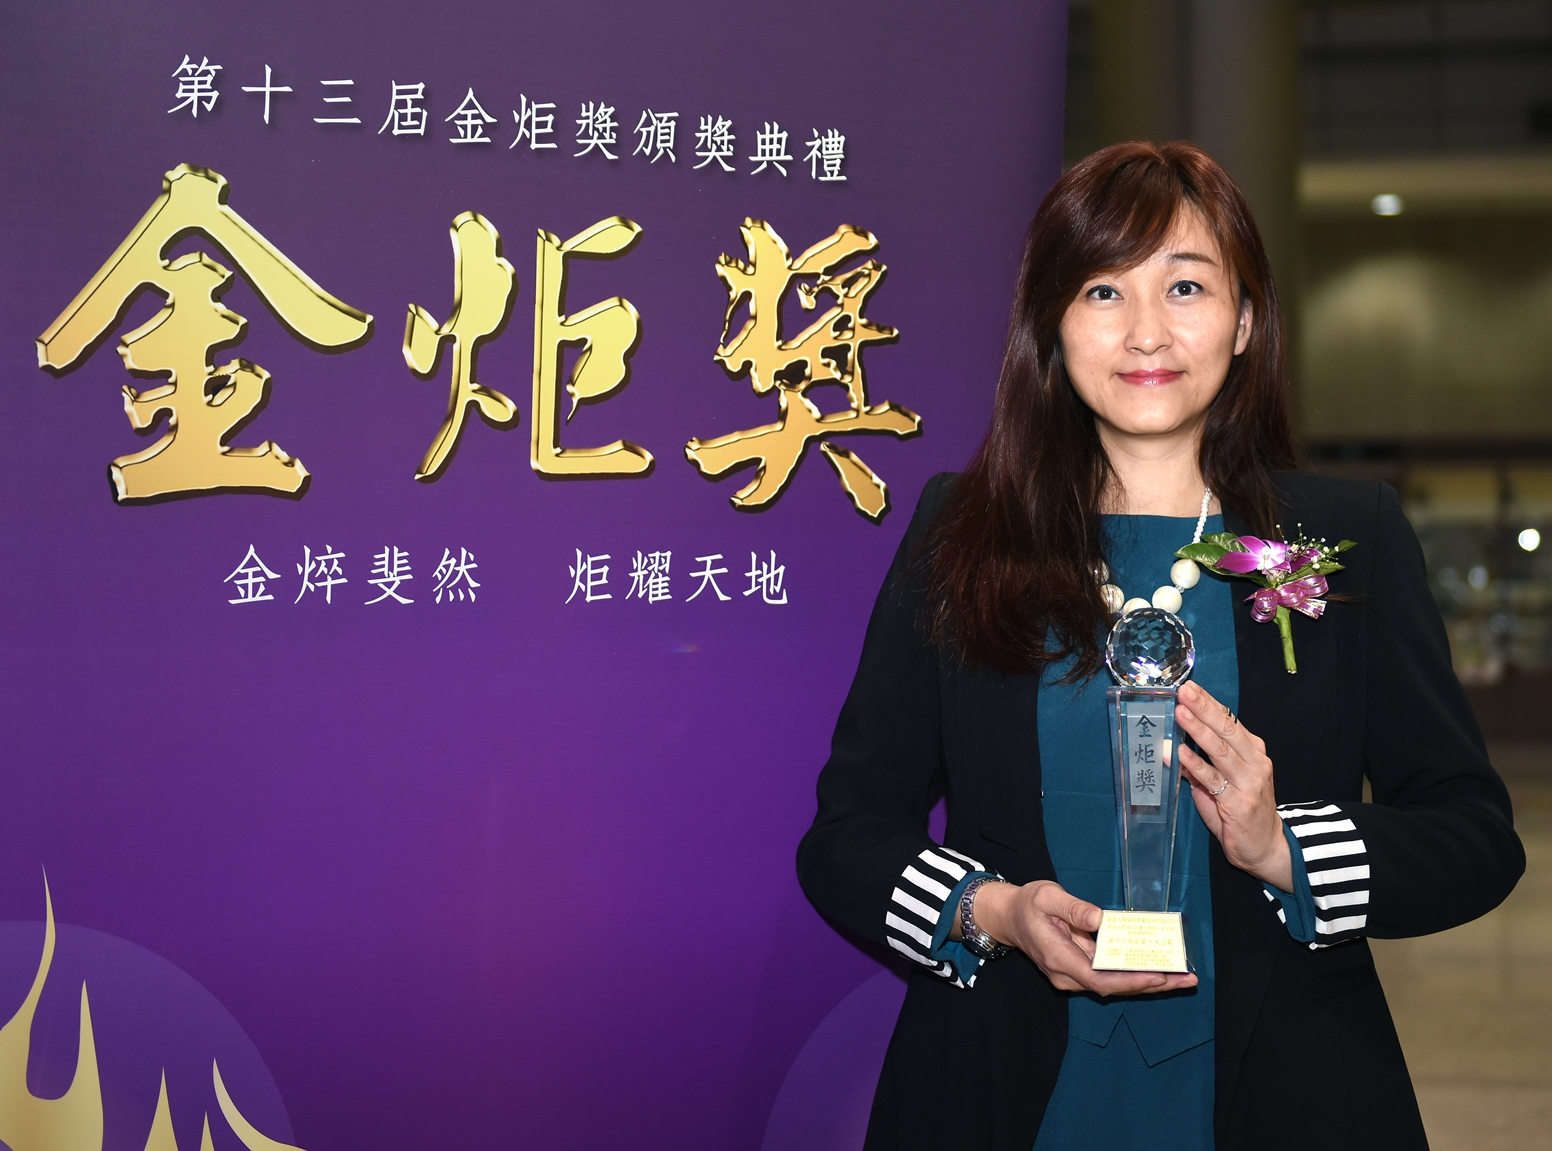 遠雄人壽榮獲第13屆金炬獎